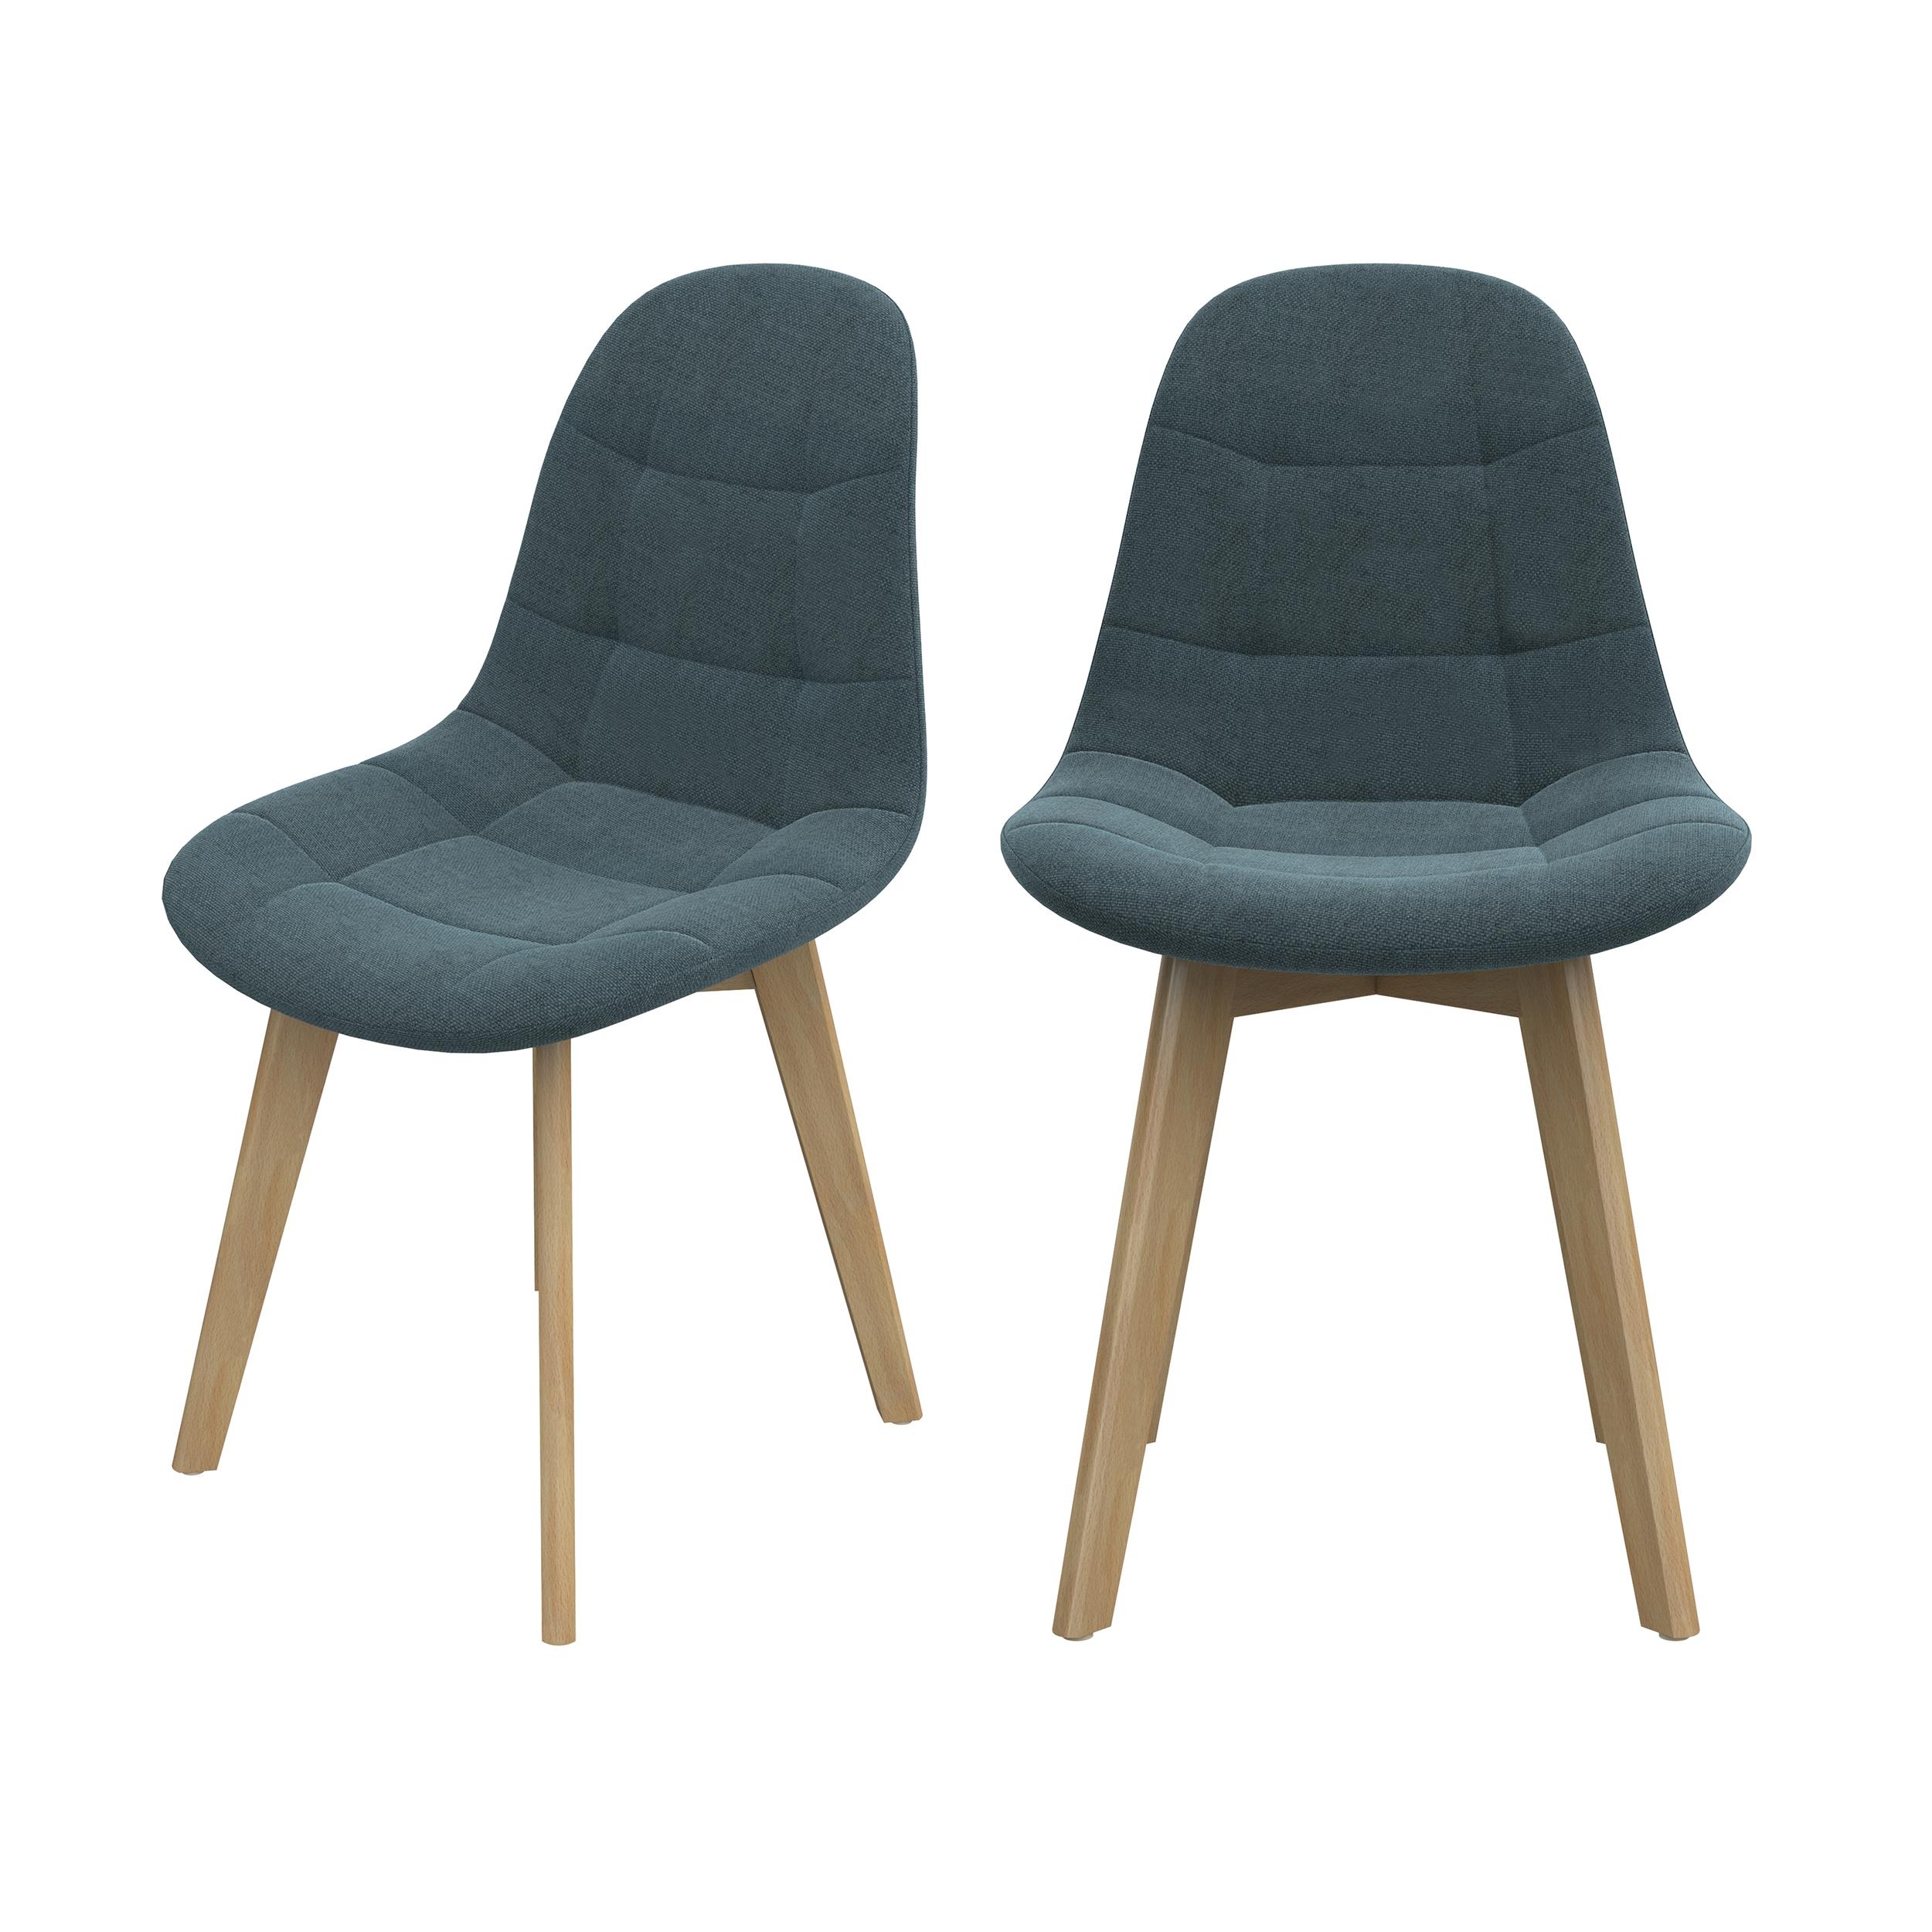 Chaise scandinave bleu/gris pieds bois d'hêtre (lot de 2)